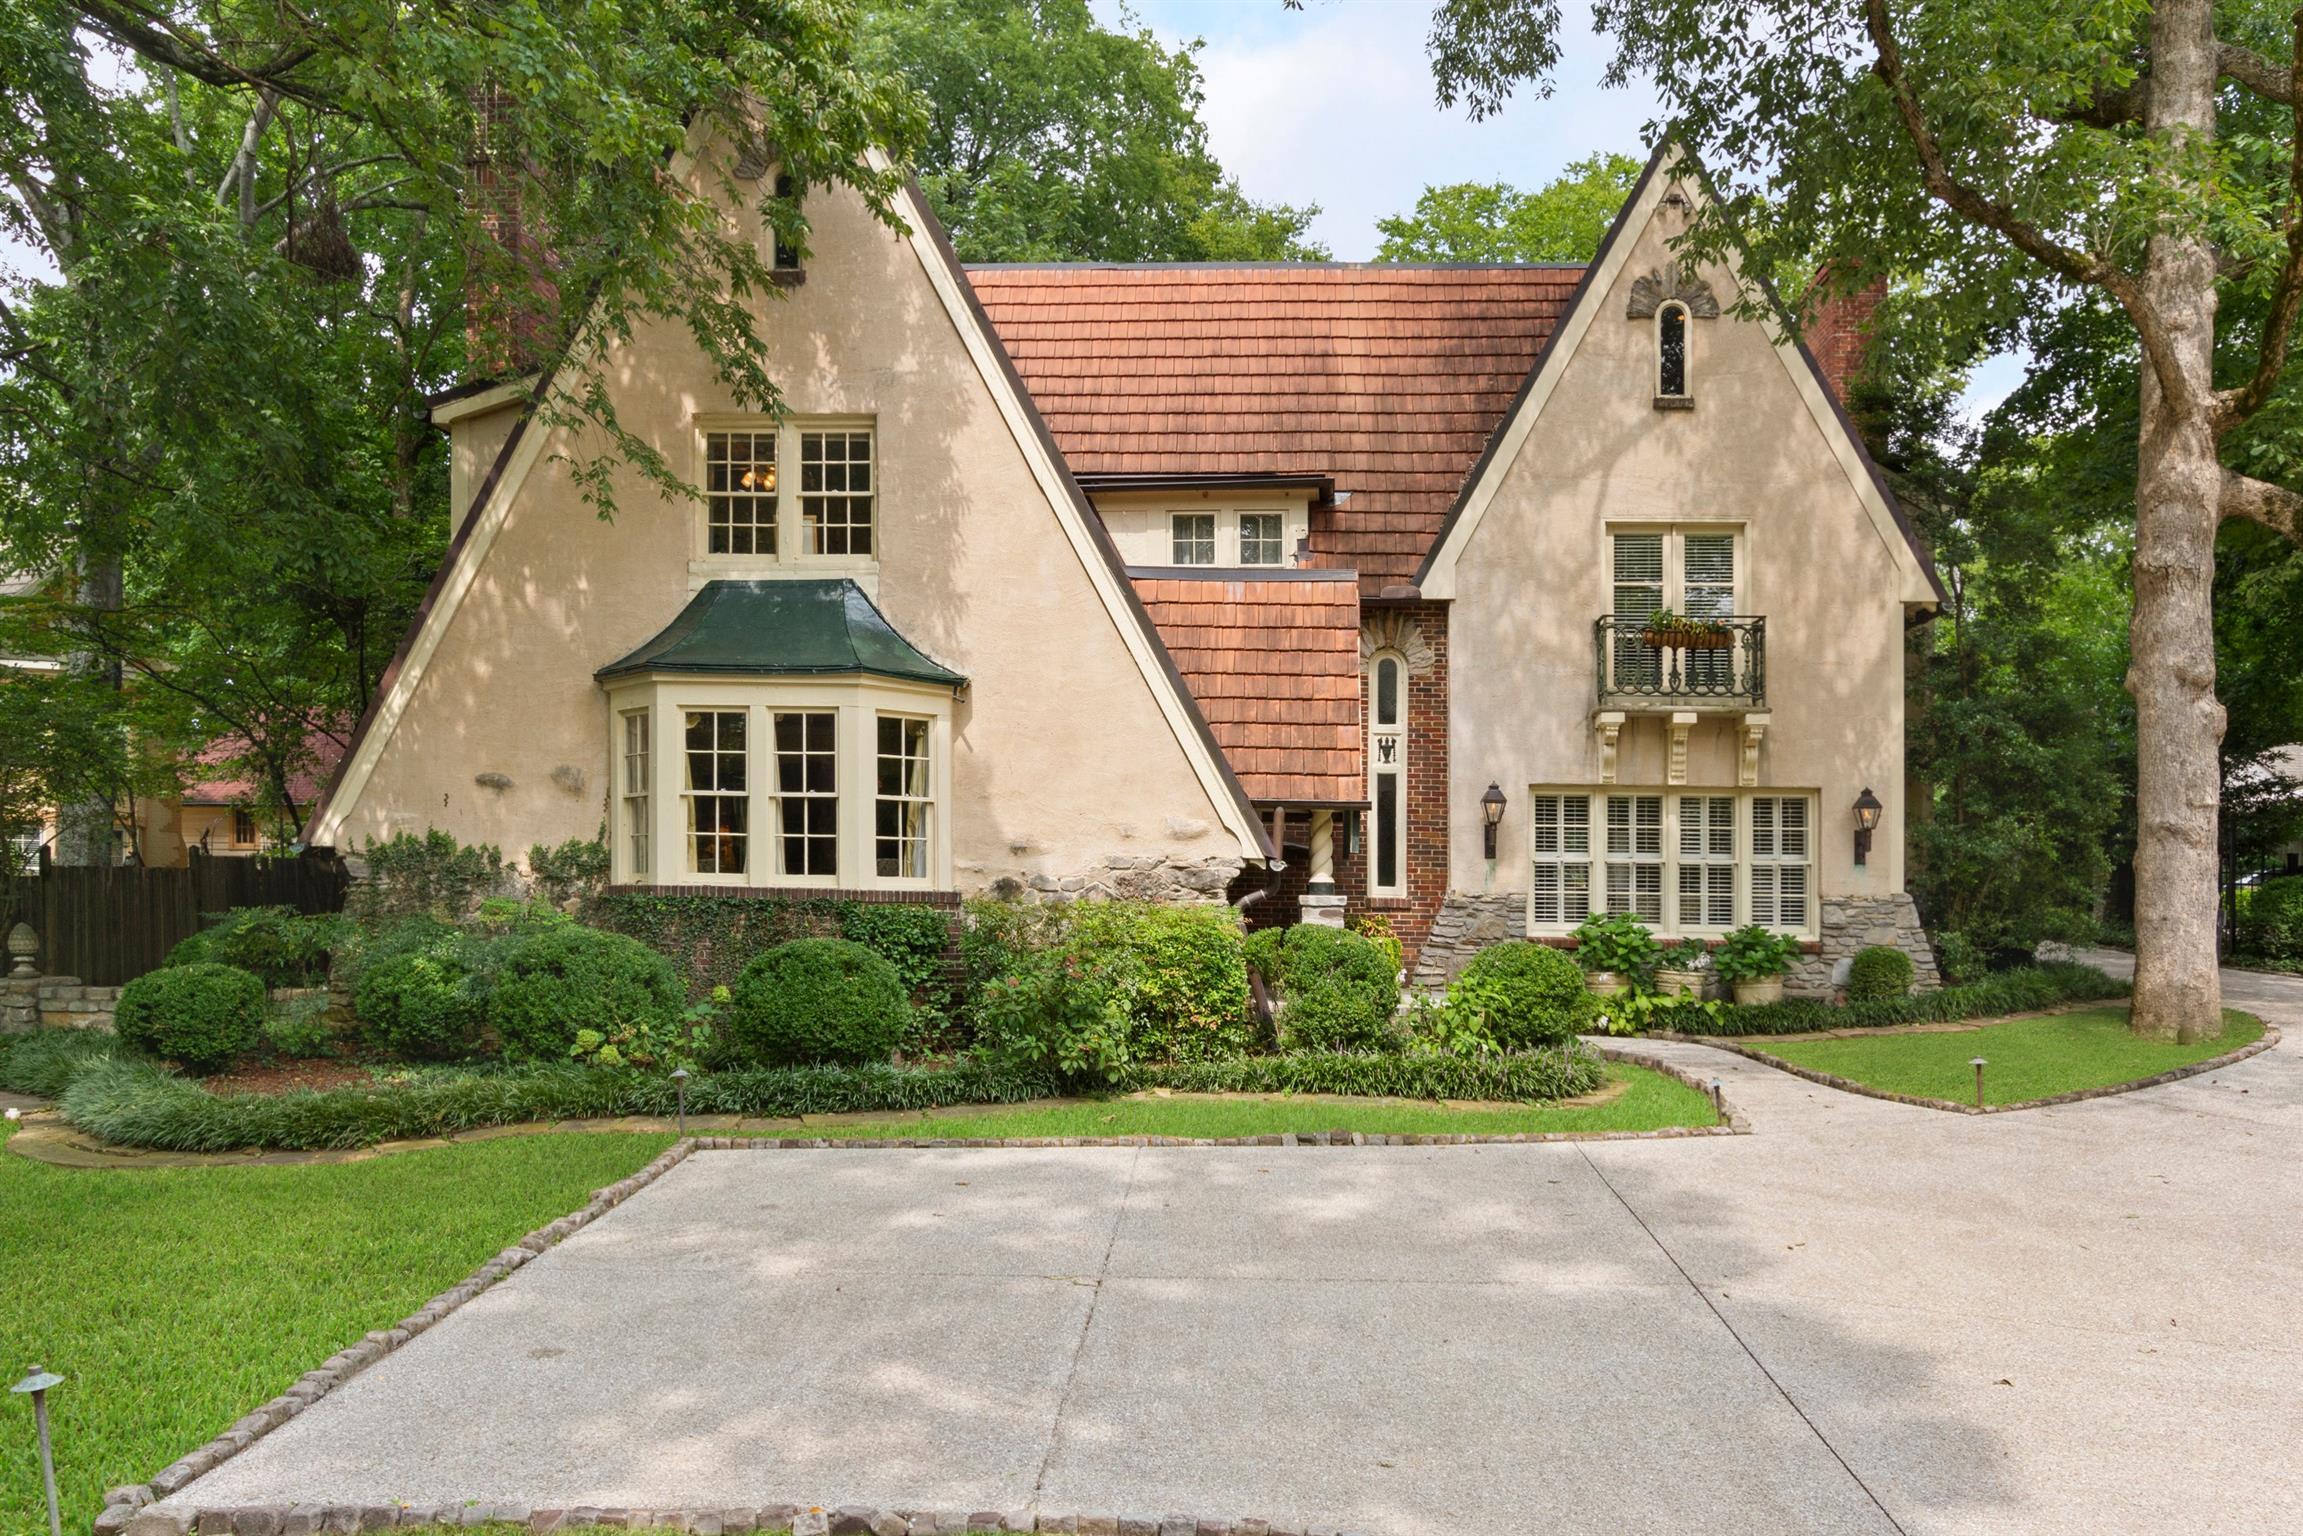 206 Deer Park Dr, Nashville, TN 37205 - Nashville, TN real estate listing